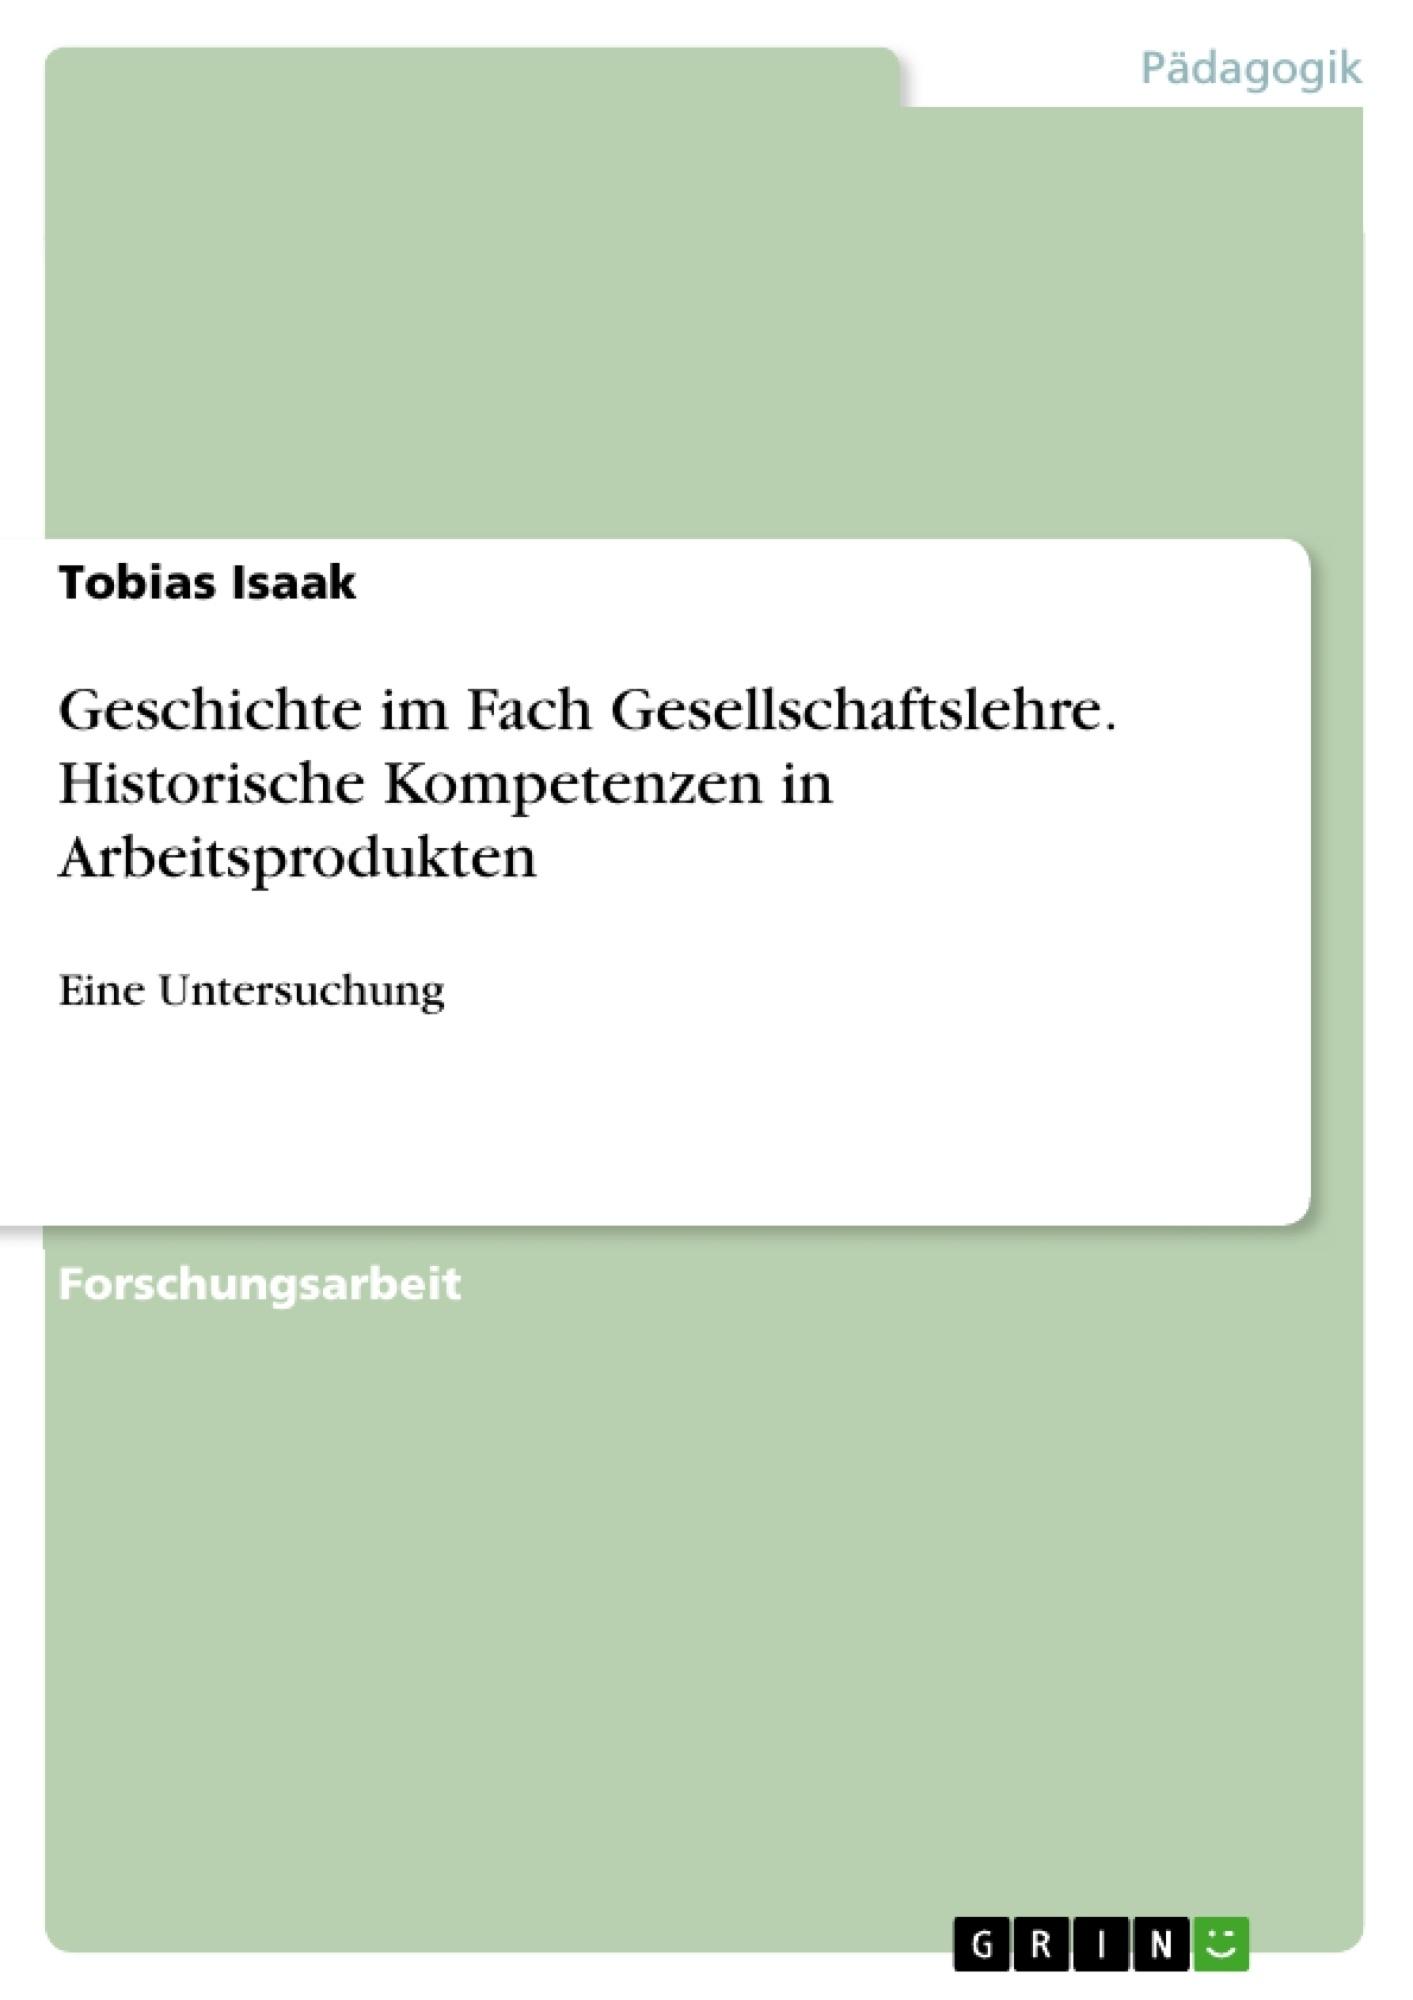 Titel: Geschichte im Fach Gesellschaftslehre. Historische Kompetenzen in Arbeitsprodukten